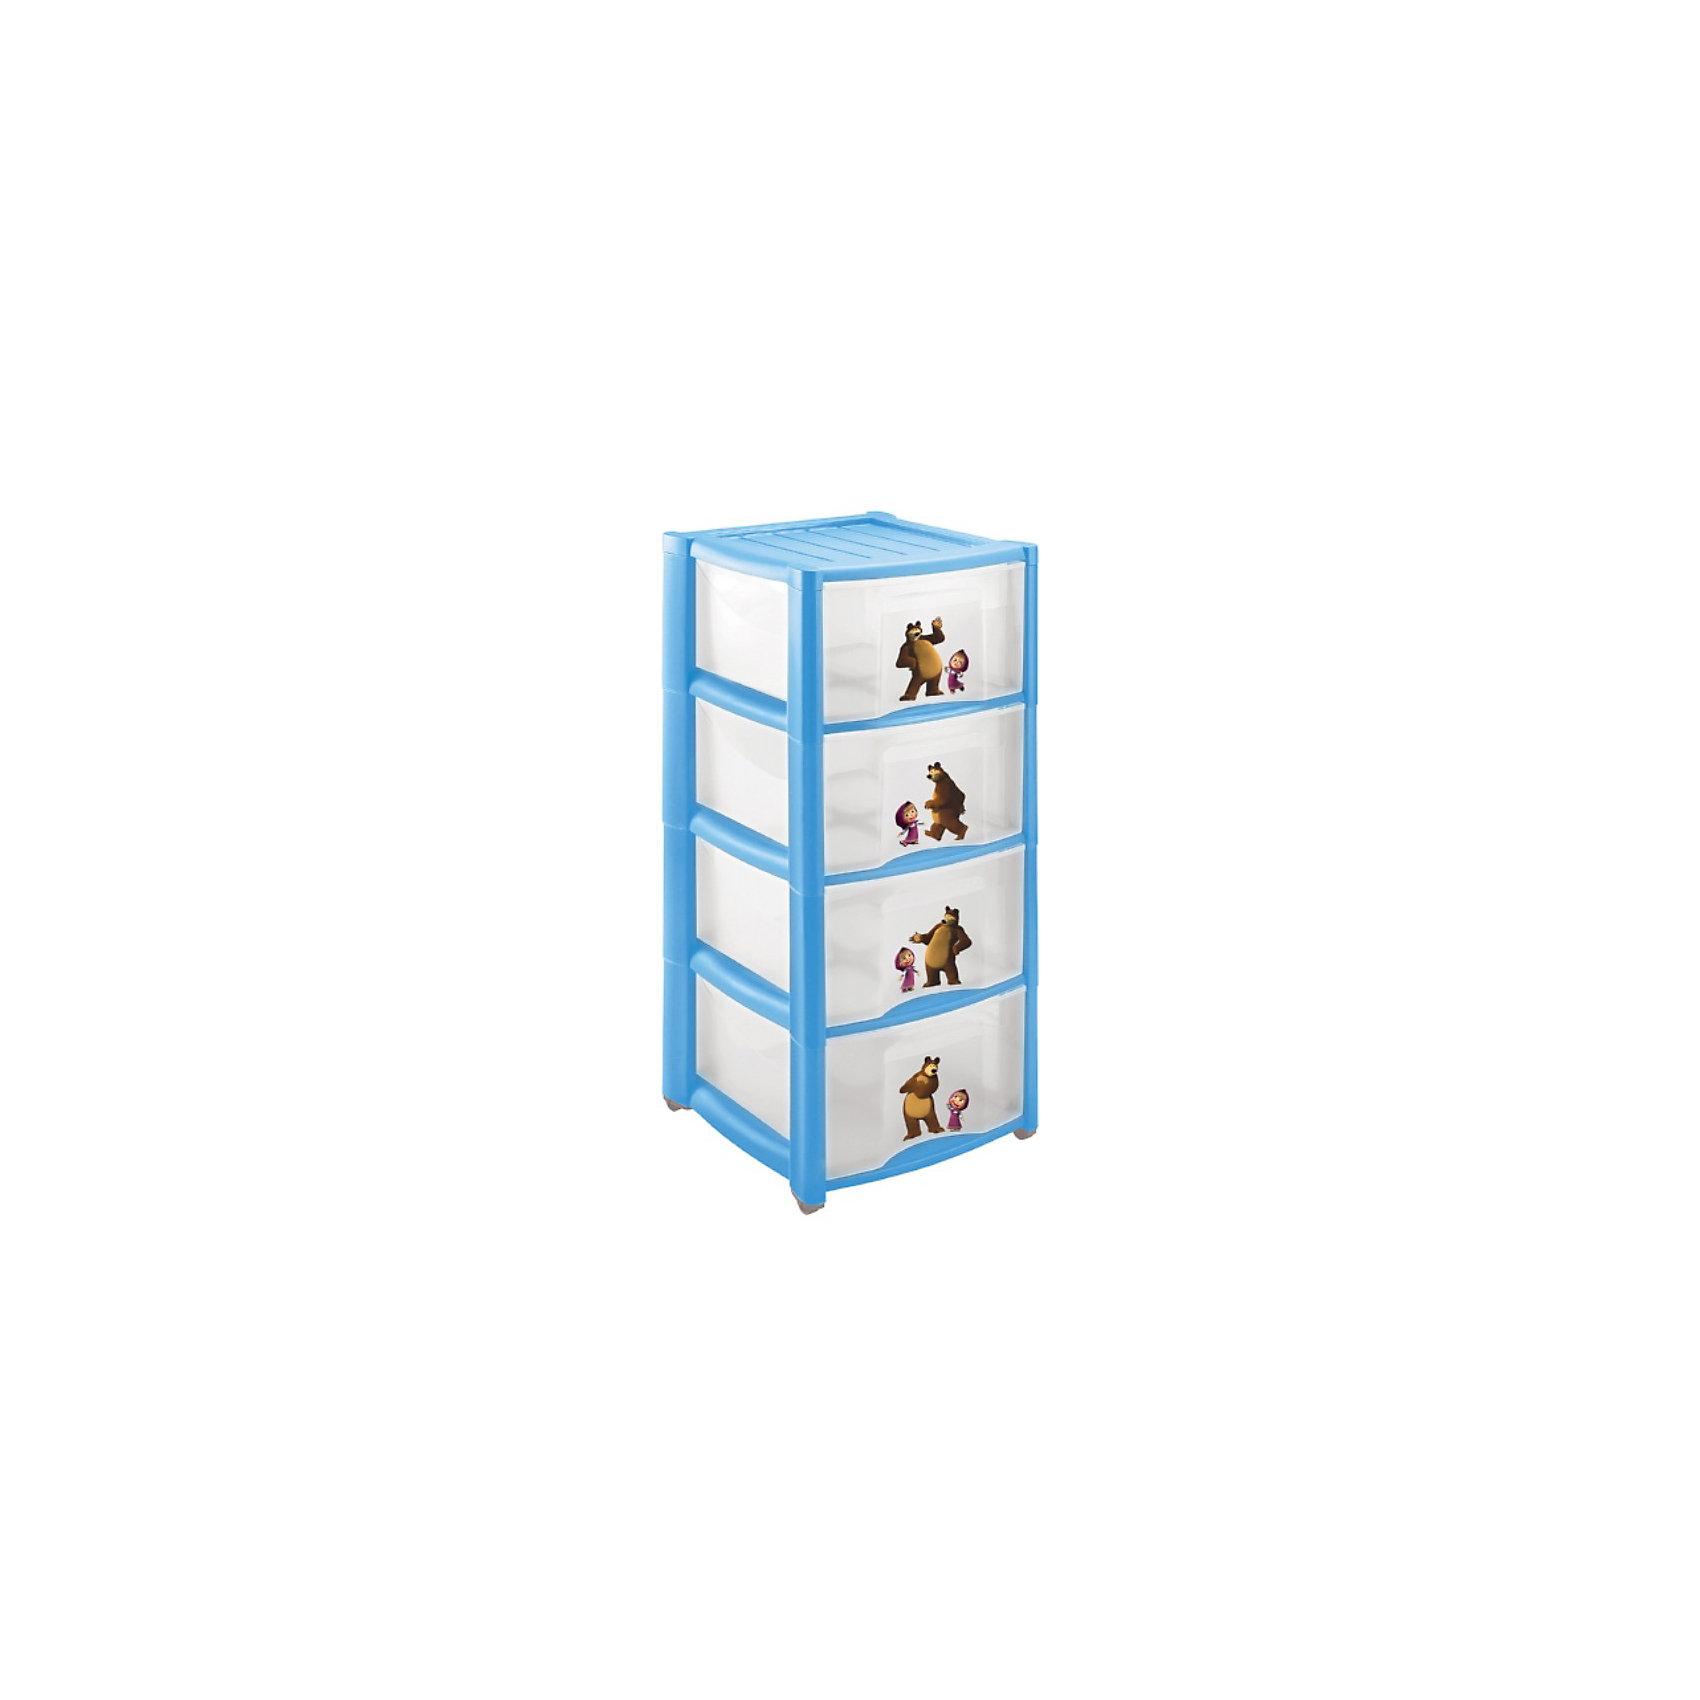 Пластиковый комод Маша и Медведь, 4 ящика, в ассортименте.Детский пластиковый комод Маша и Медведь, 4 ящика. <br>Материал: полипропилен.<br>Размеры: 39х37х78,5см.<br>Детский пластиковый комод Маша и Медведь с 4-мя ящиками можно купить в нашем интернет-магазине.<br>ВНИМАНИЕ!!! Данный артикул имеется в наличии в разных вариантах исполнения. Заранее выбрать определенный вариант нельзя. При заказе нескольких комодов возможно получение одинаковых.<br><br>Ширина мм: 390<br>Глубина мм: 370<br>Высота мм: 785<br>Вес г: 3700<br>Возраст от месяцев: 36<br>Возраст до месяцев: 96<br>Пол: Унисекс<br>Возраст: Детский<br>SKU: 3384191